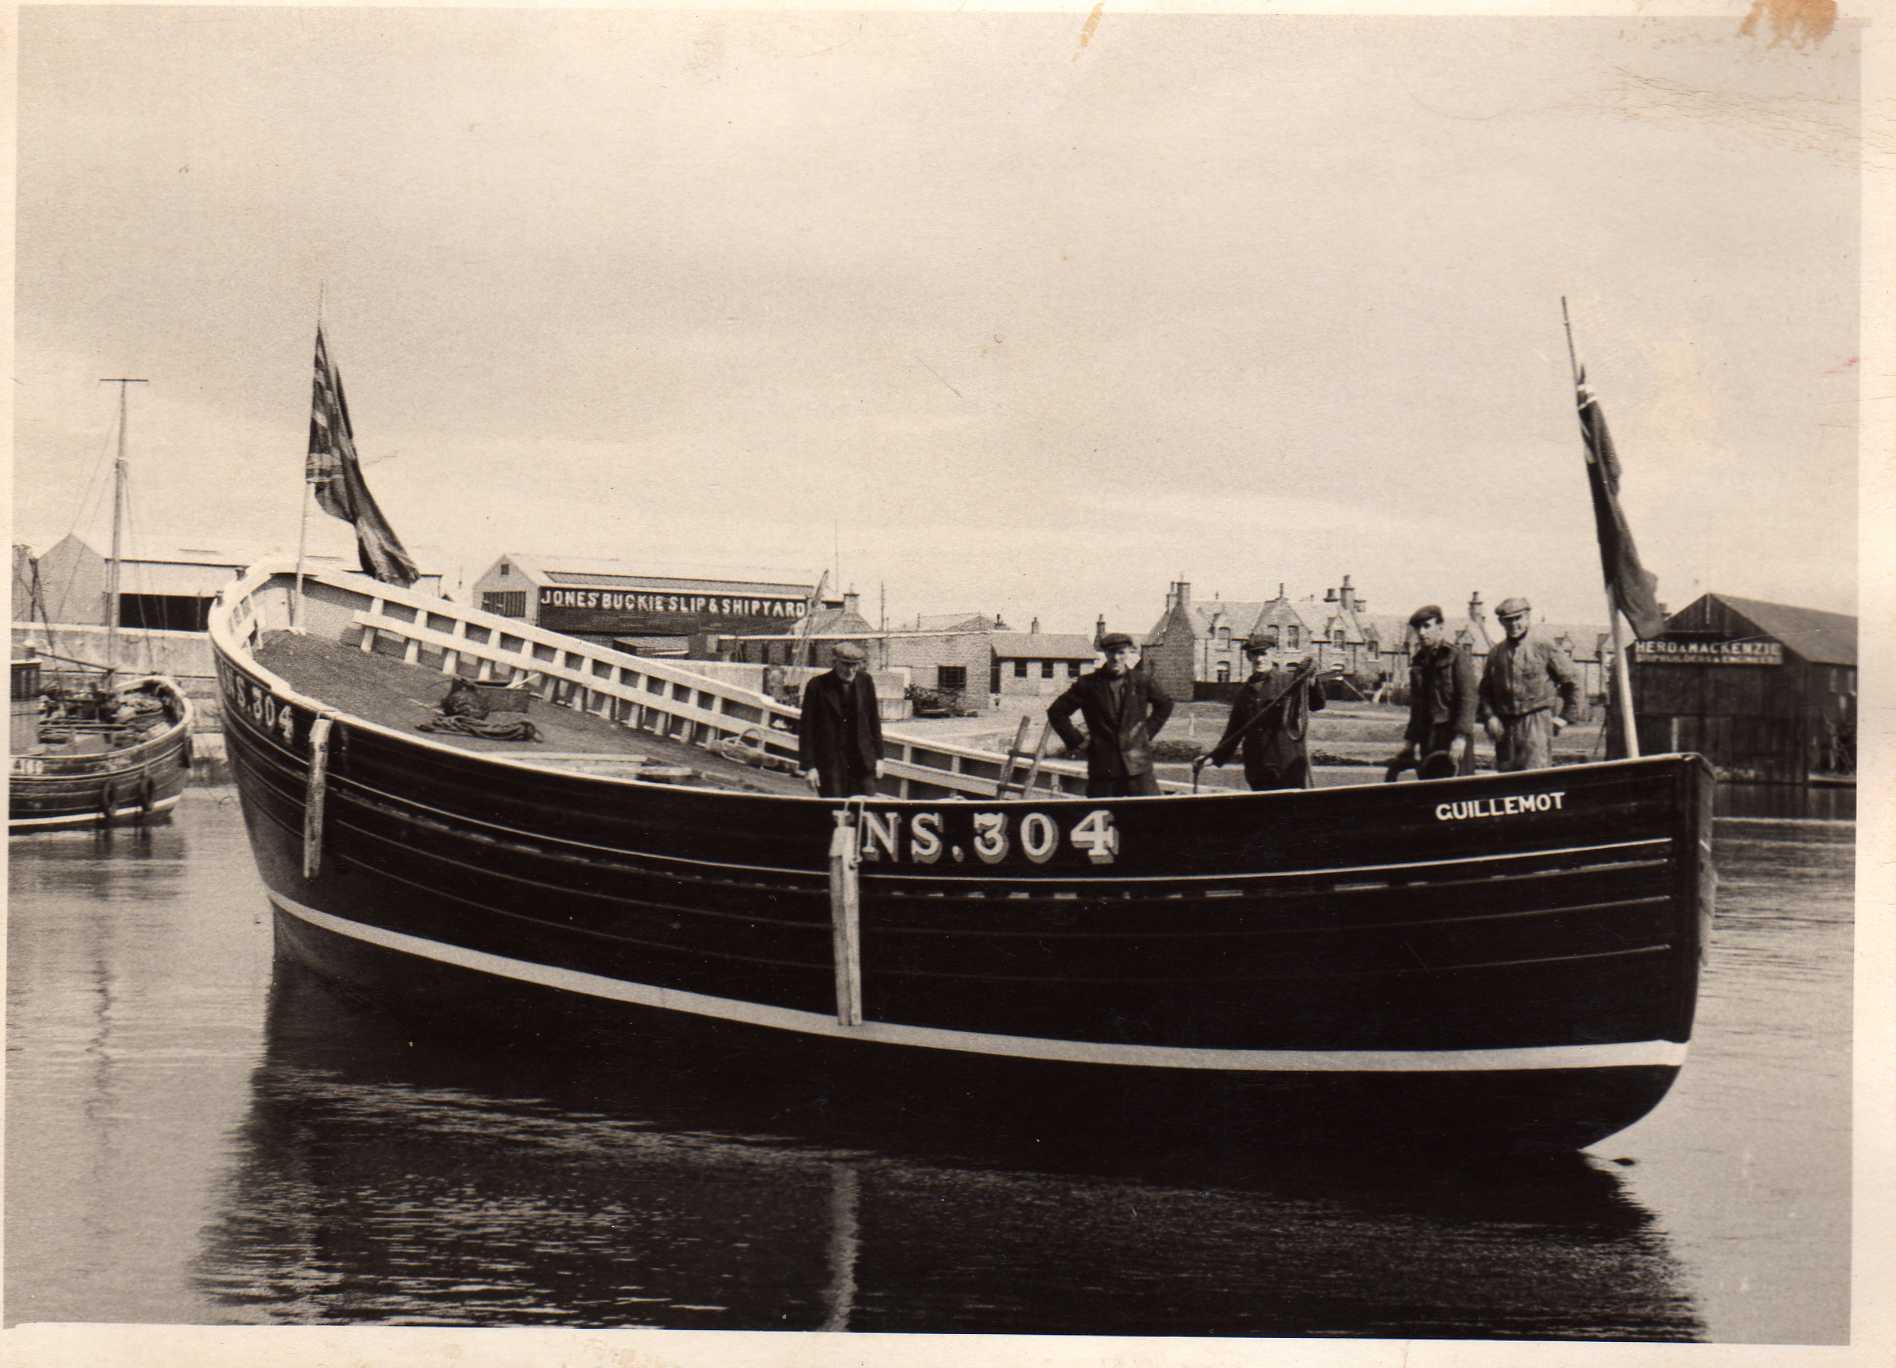 1957 - Guillimot Launch